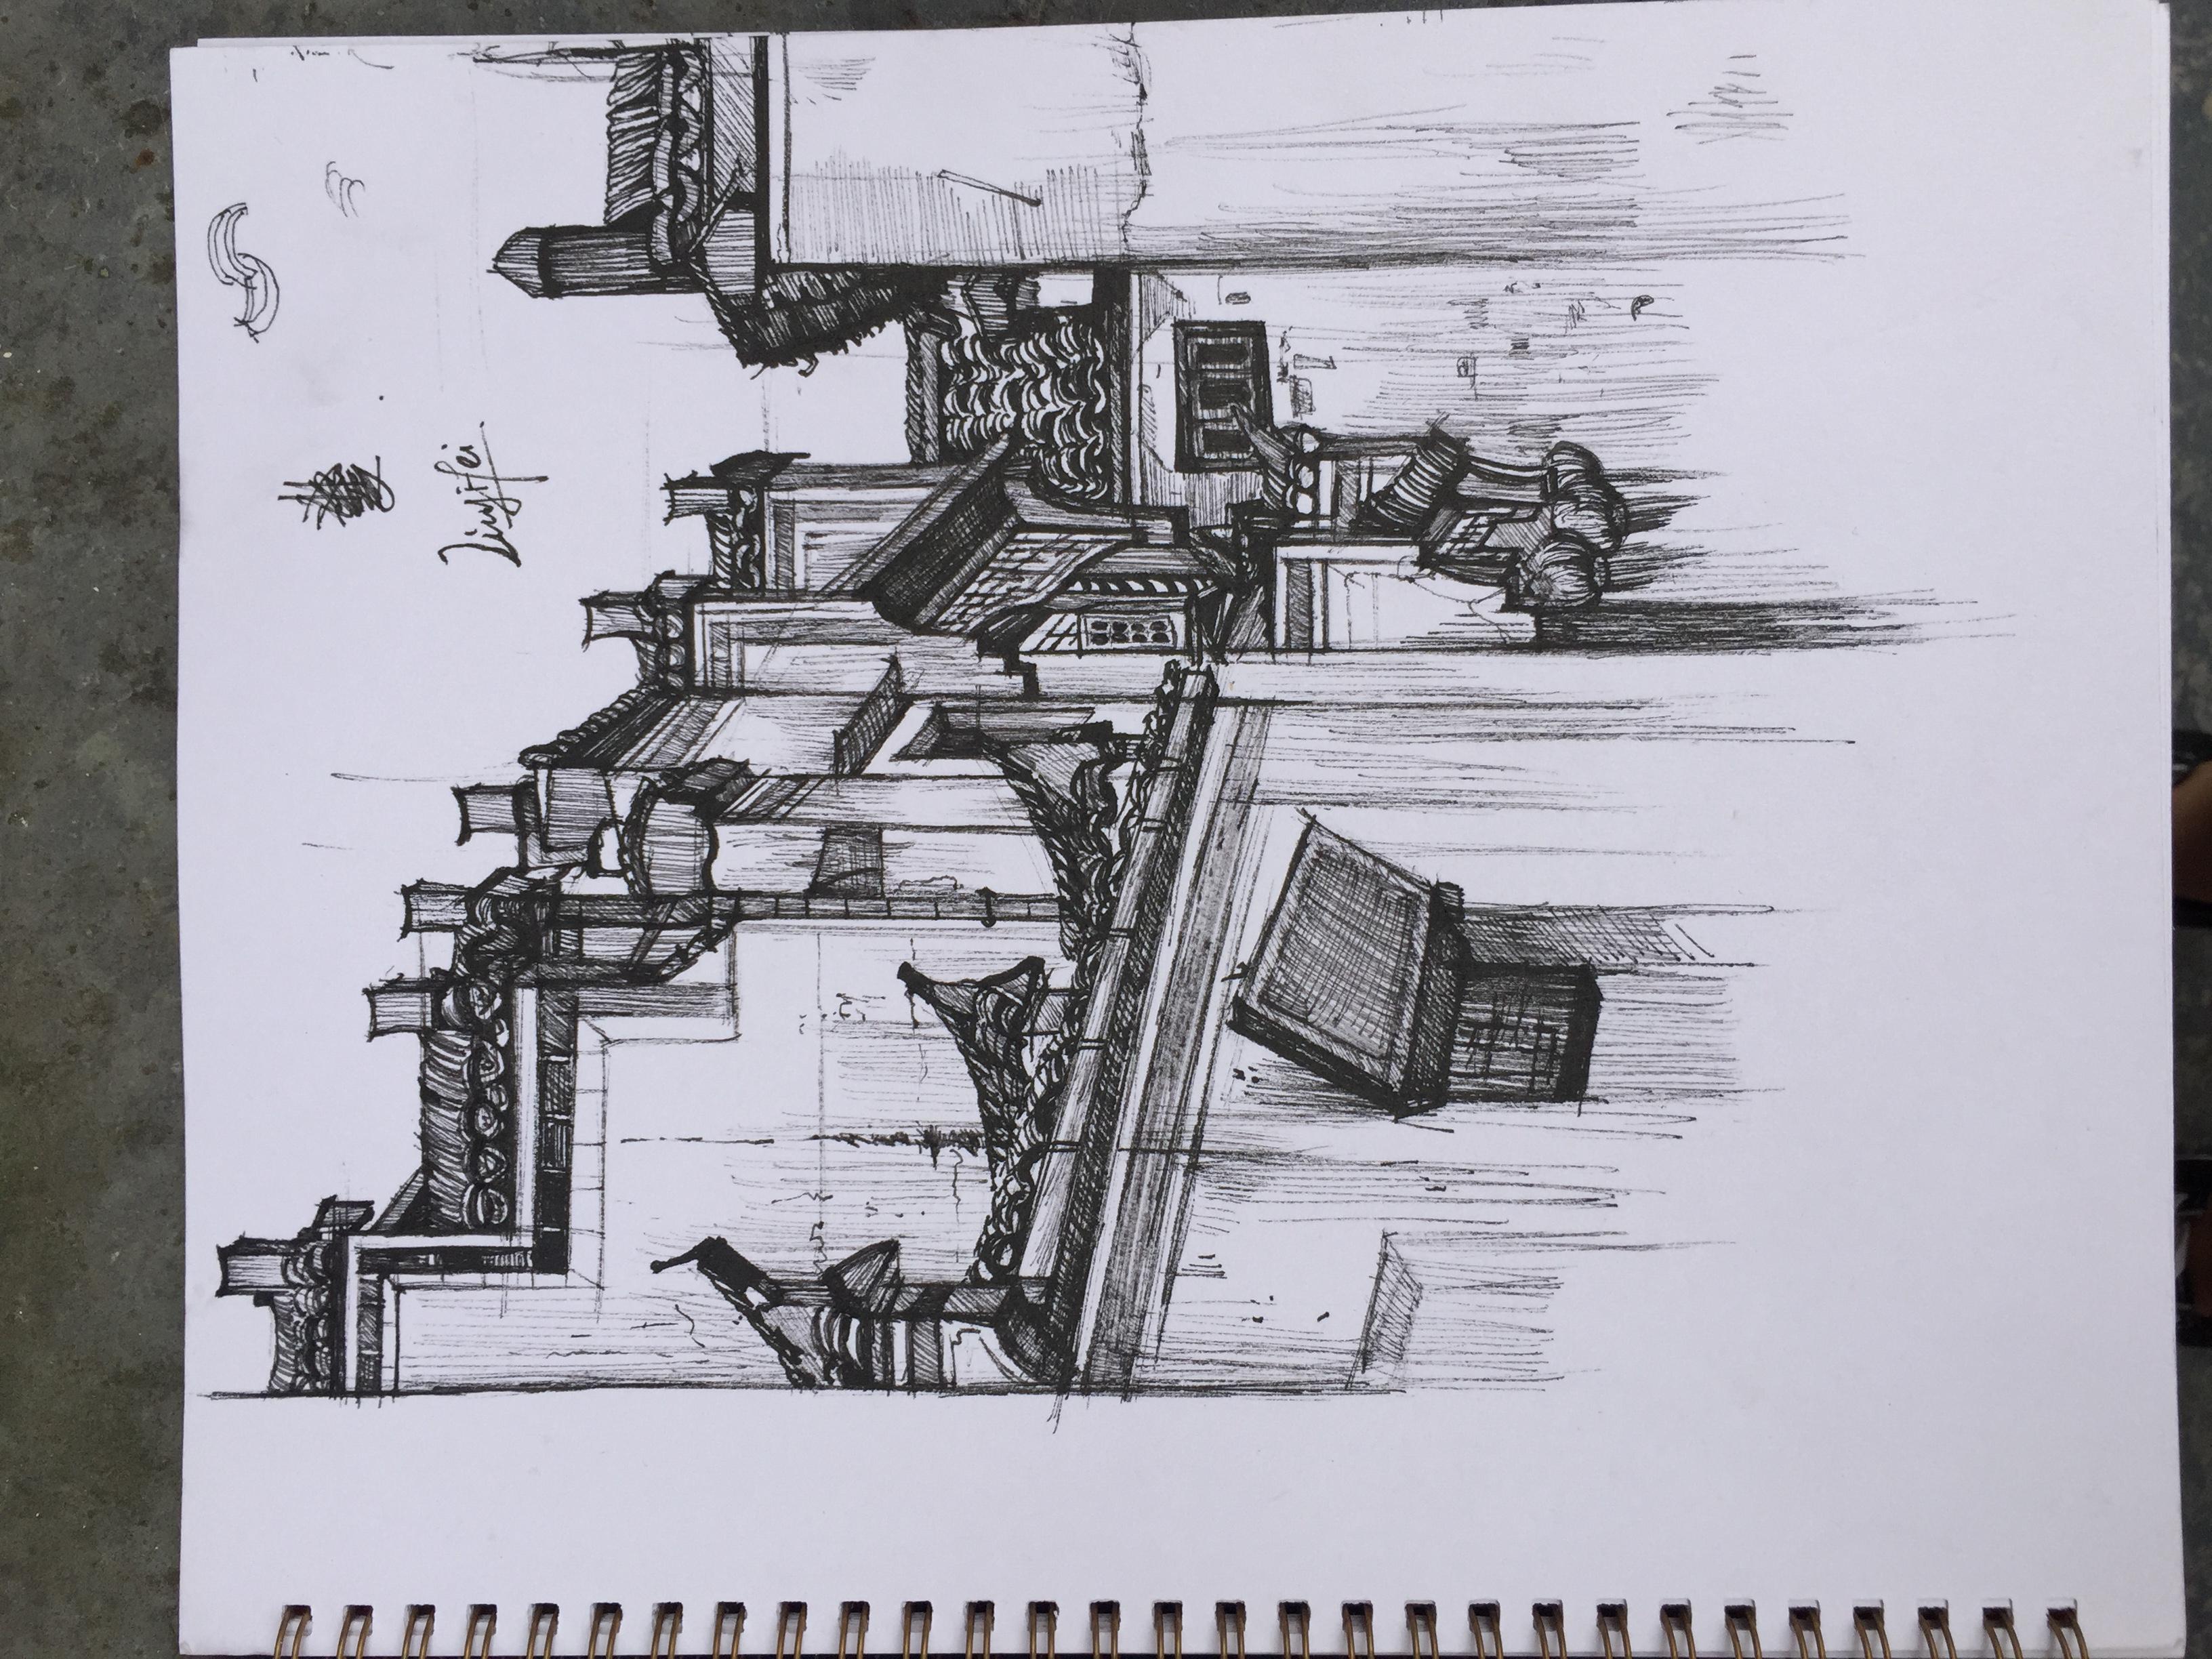 建筑论+�yf_徽式建筑|纯艺术|速写|joannayf - 原创作品 - 站酷